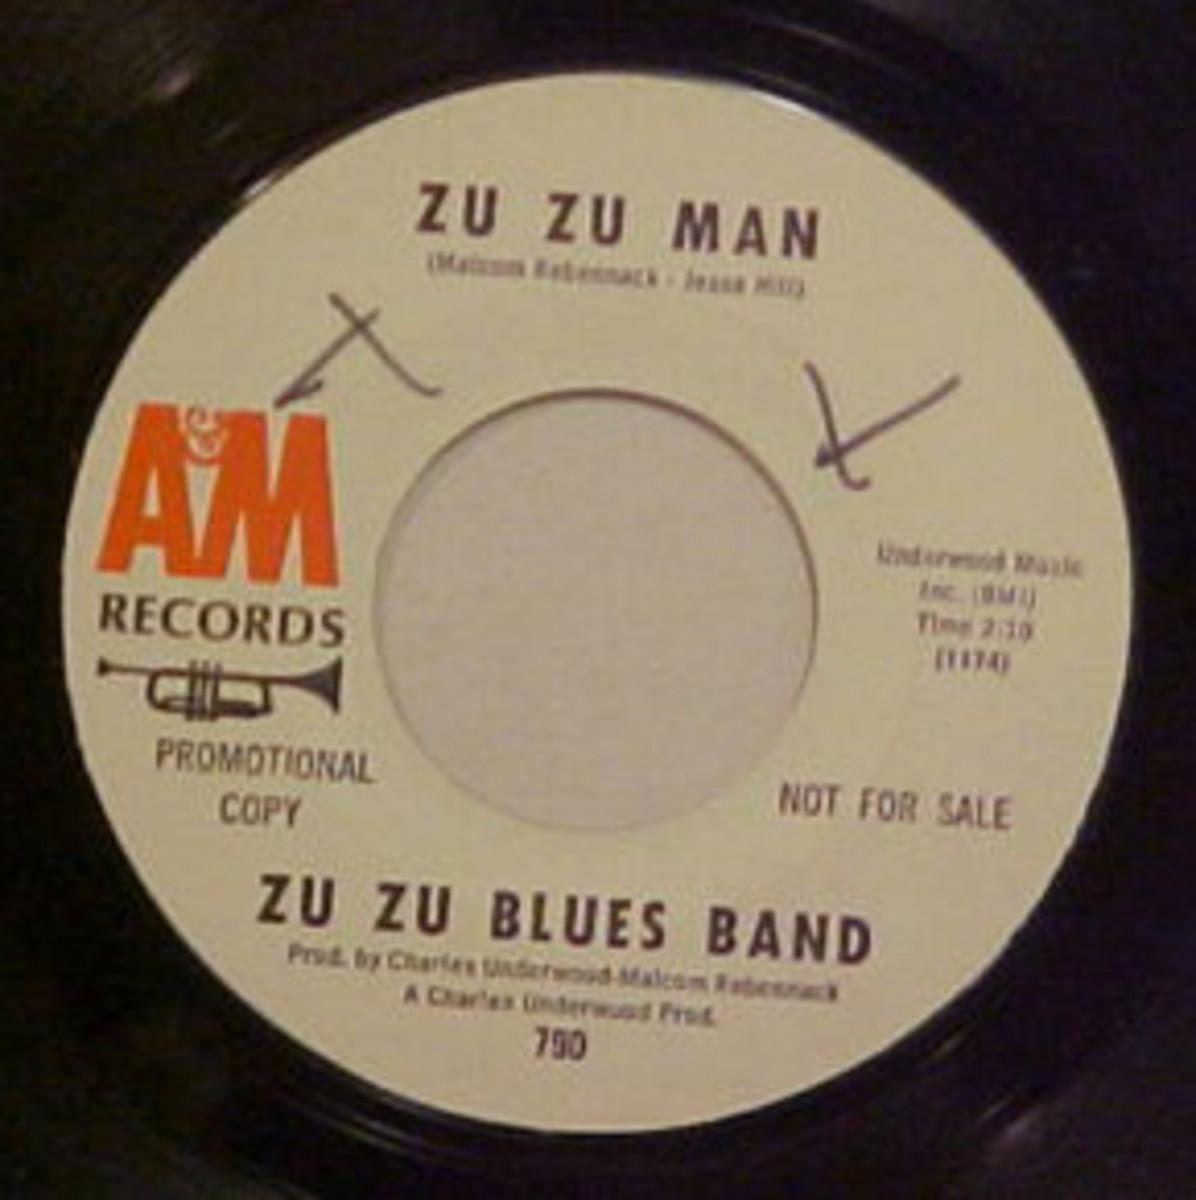 Zu Zu Man Zu Zu Blues Band